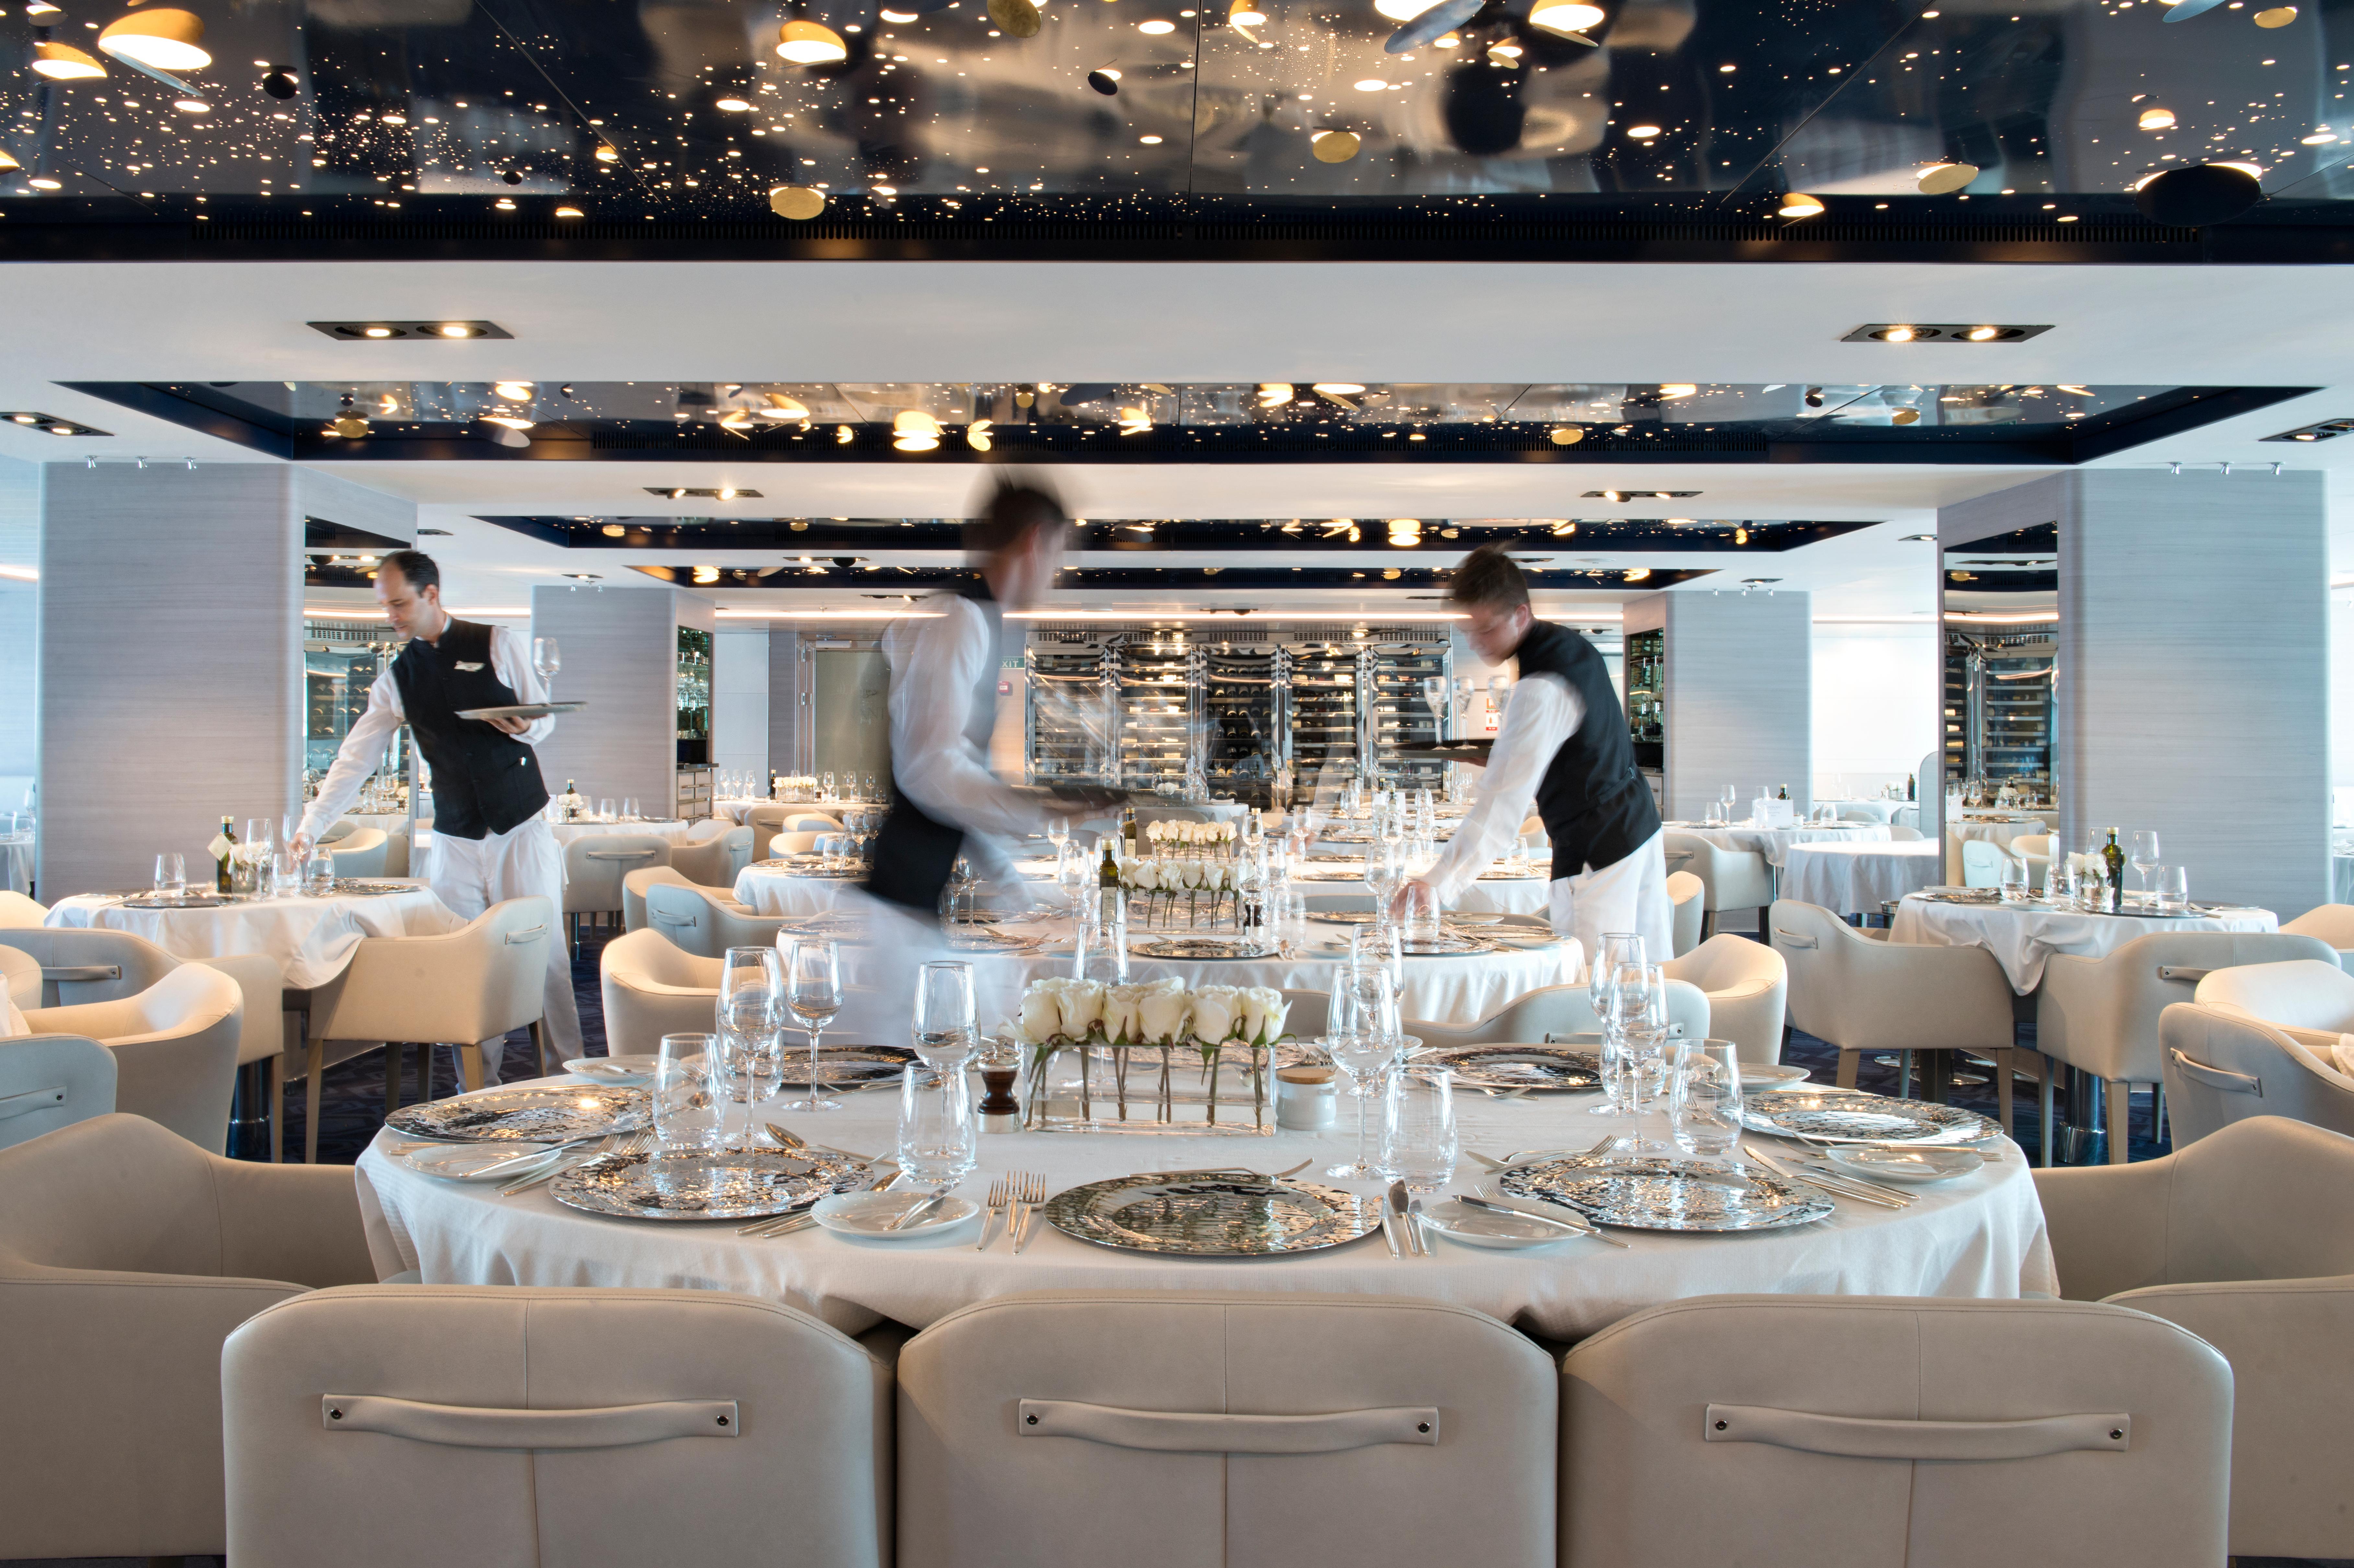 Ponant - Le Lyrial - Gastronomic Restaurant